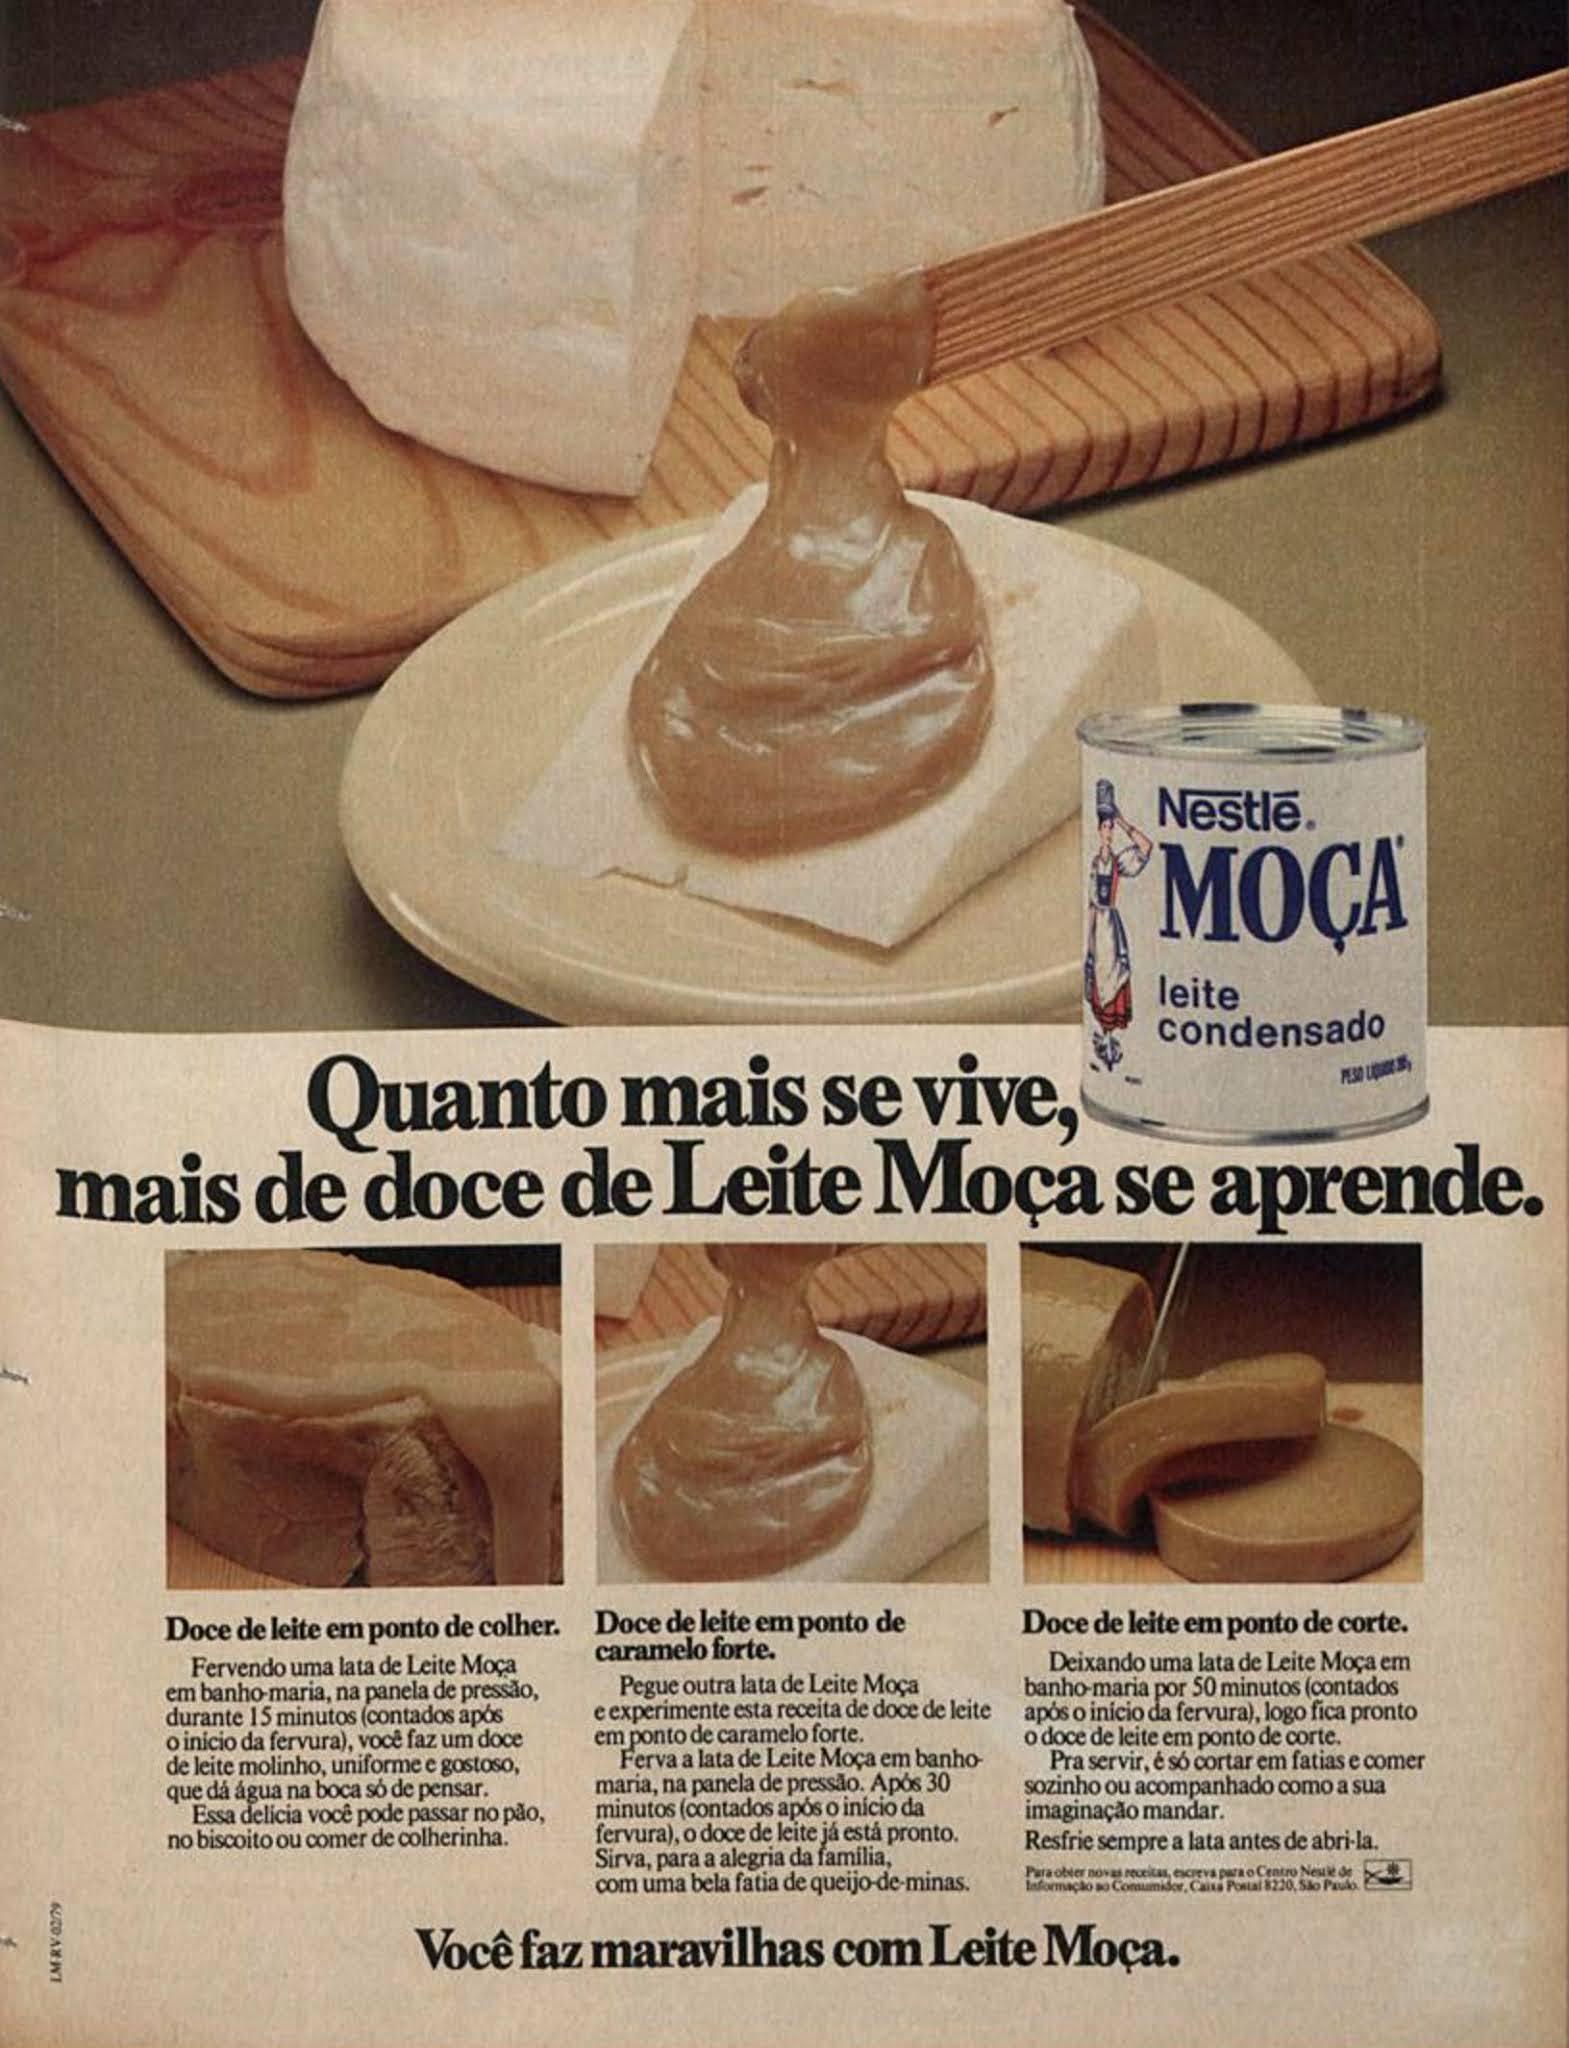 Anúncio antigo do Leite Moça para fazer dele um doce de leite